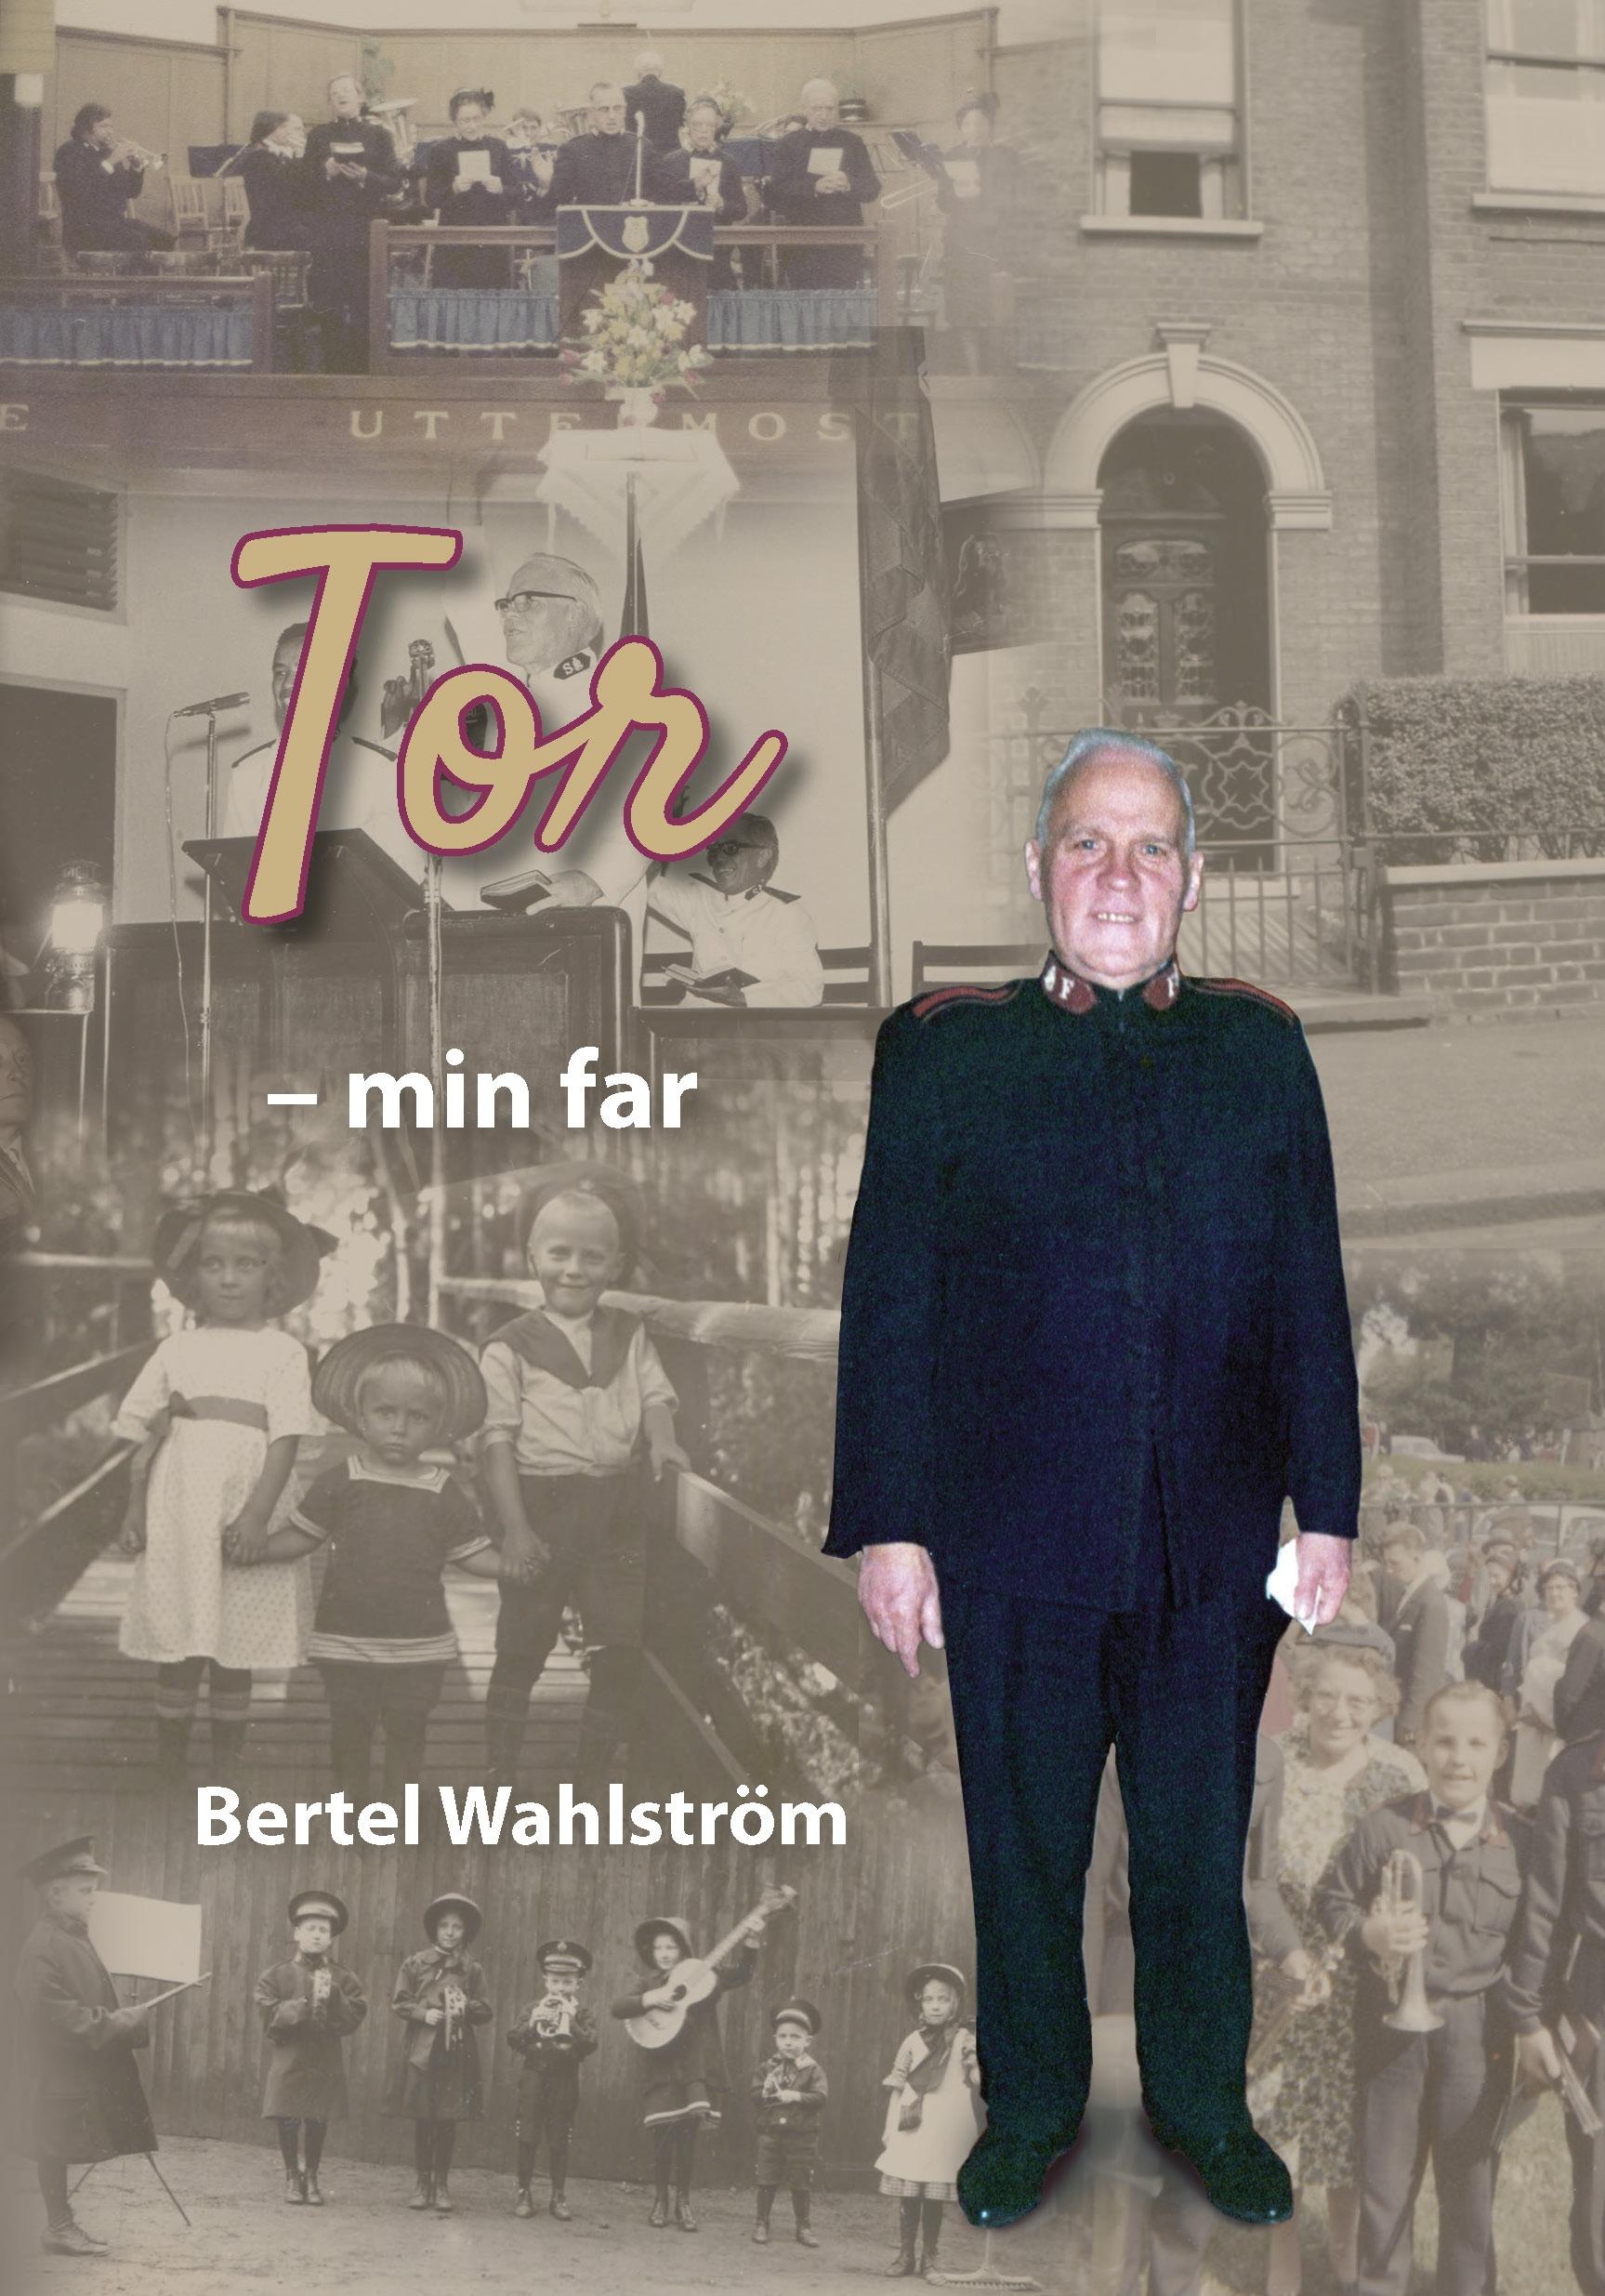 Författarintervju Tor - min far av Bertel Wahlström